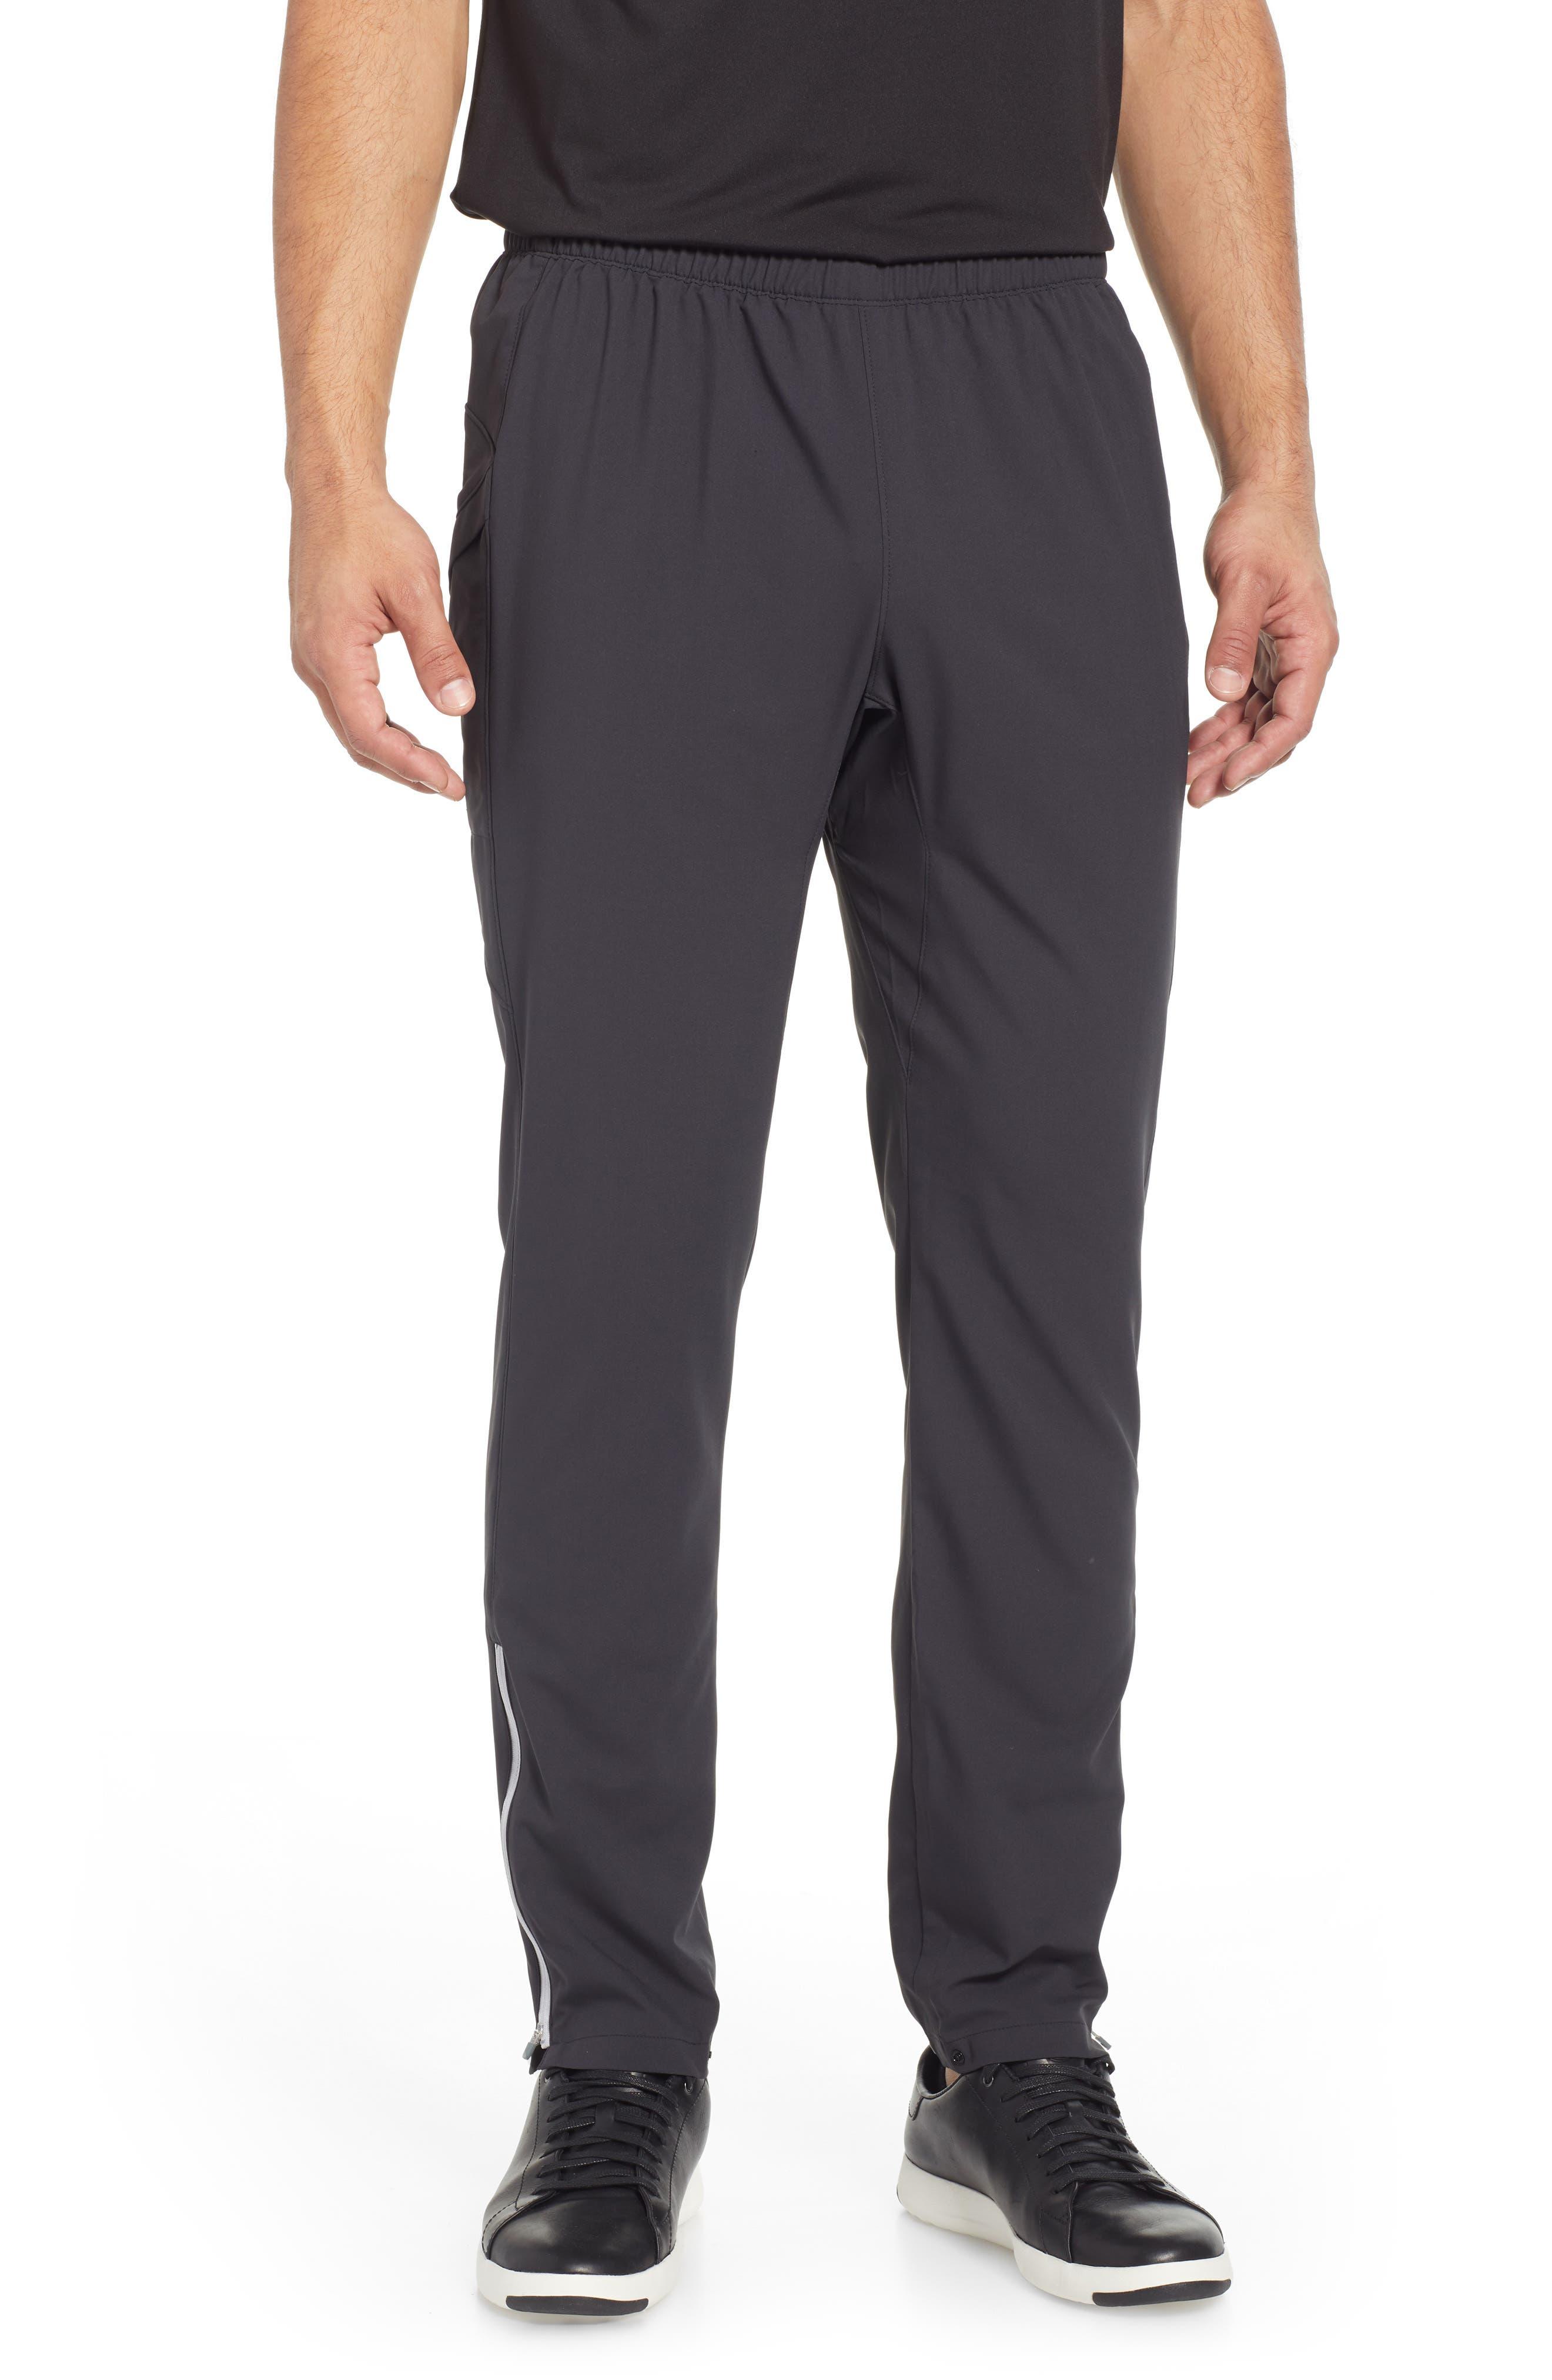 Vancouver Workout Pants,                         Main,                         color, BLACK